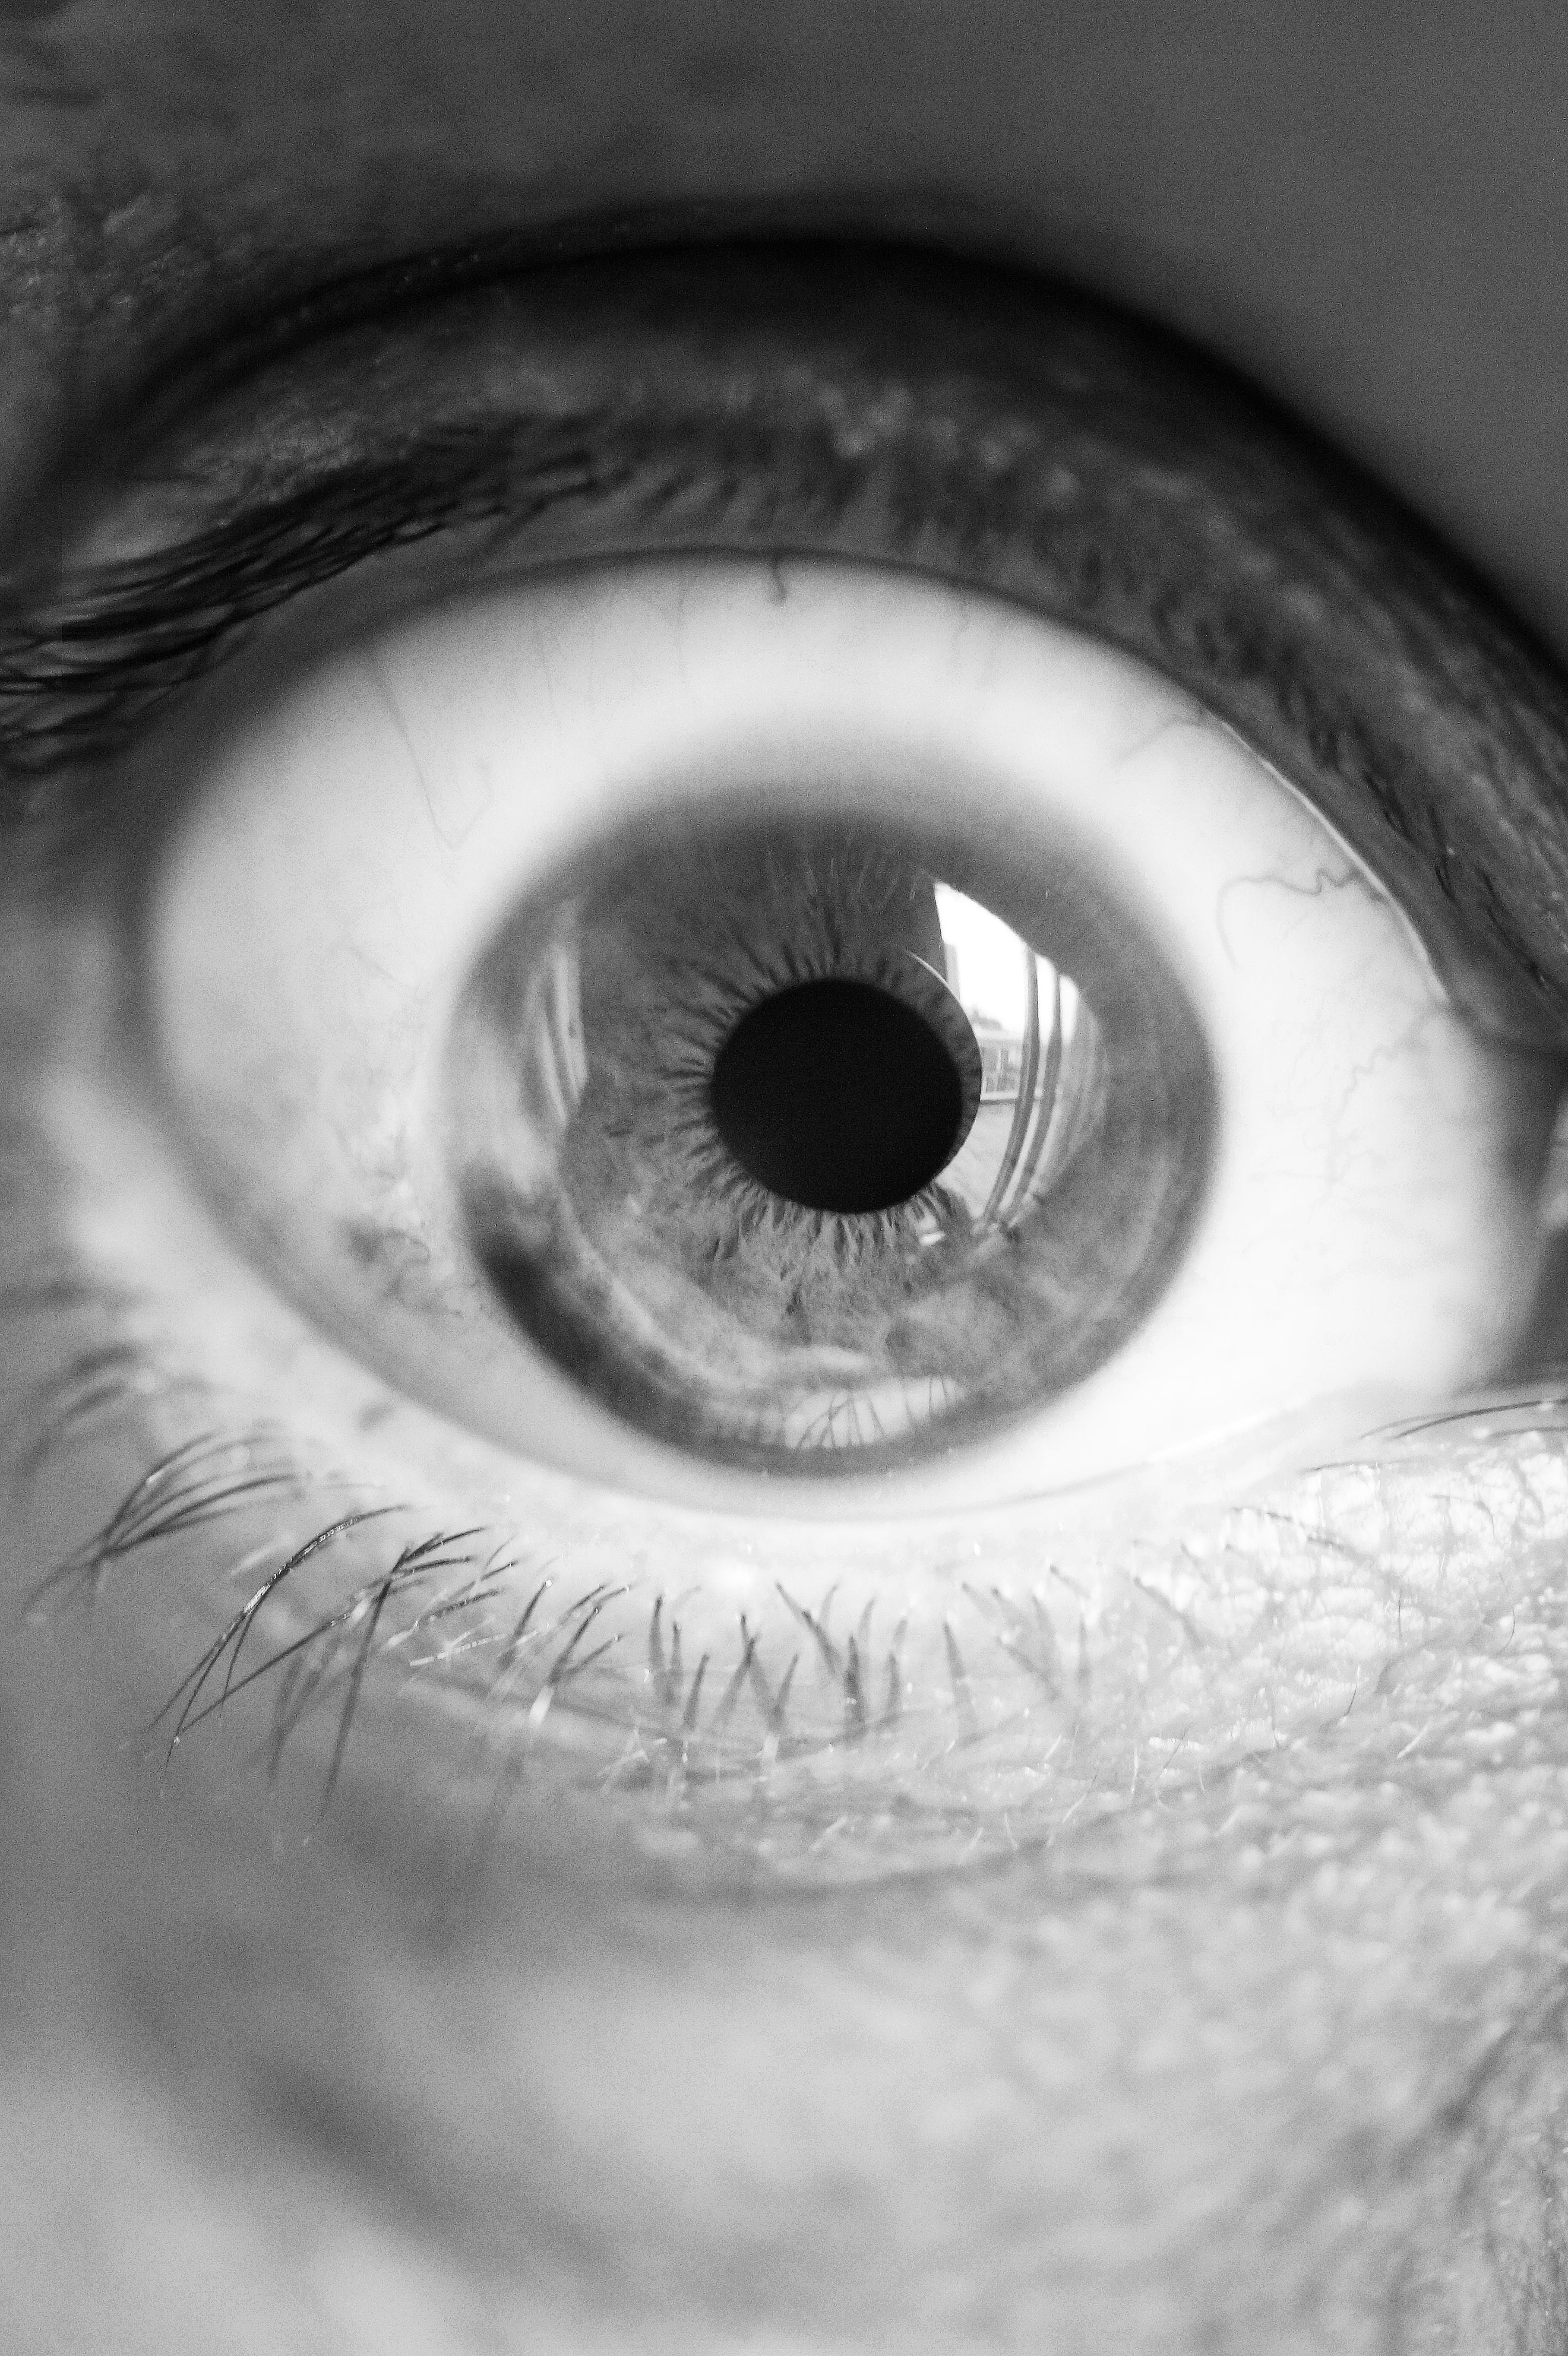 Δωρεάν στοκ φωτογραφιών με ασπρόμαυρο, γκρο πλαν, μάτι, όραμα